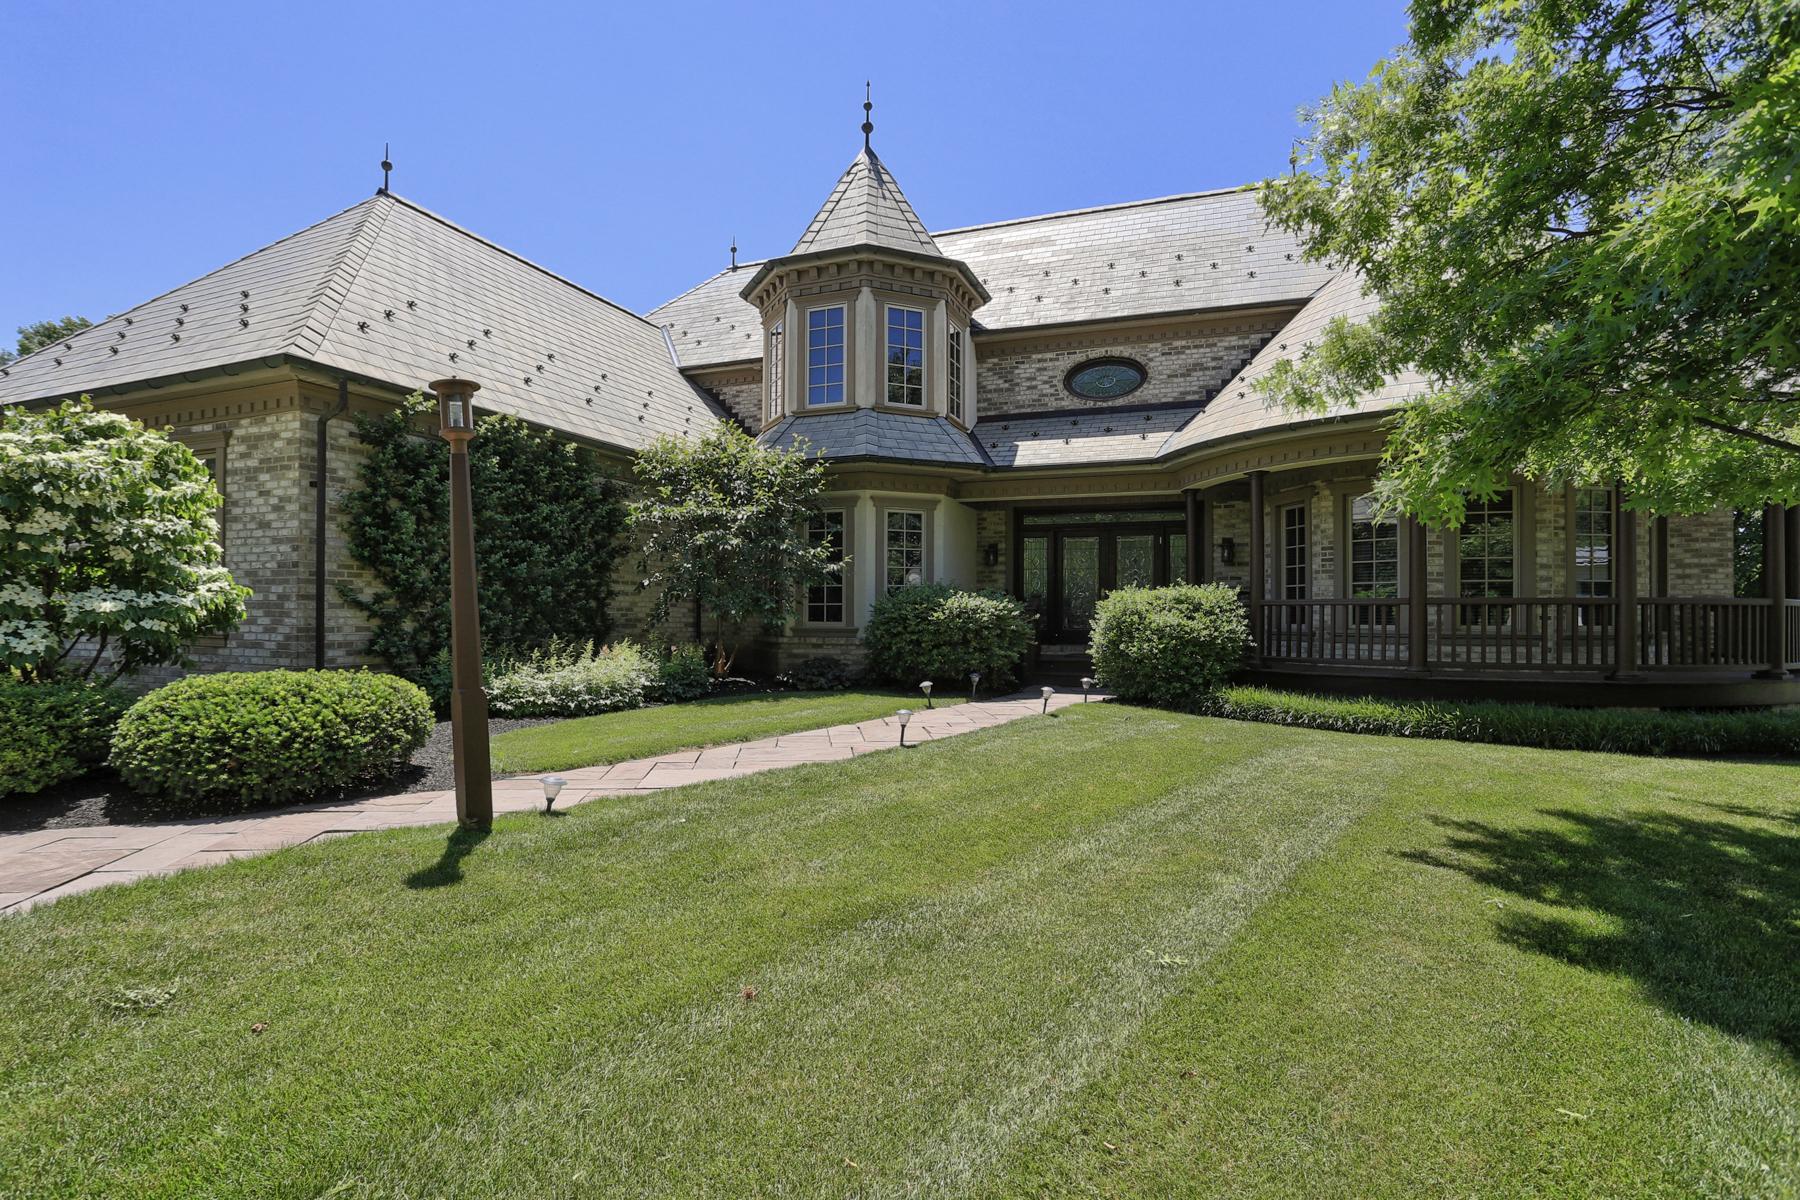 Частный односемейный дом для того Продажа на 807 Bent Creek Drive Lititz, 17543 Соединенные Штаты